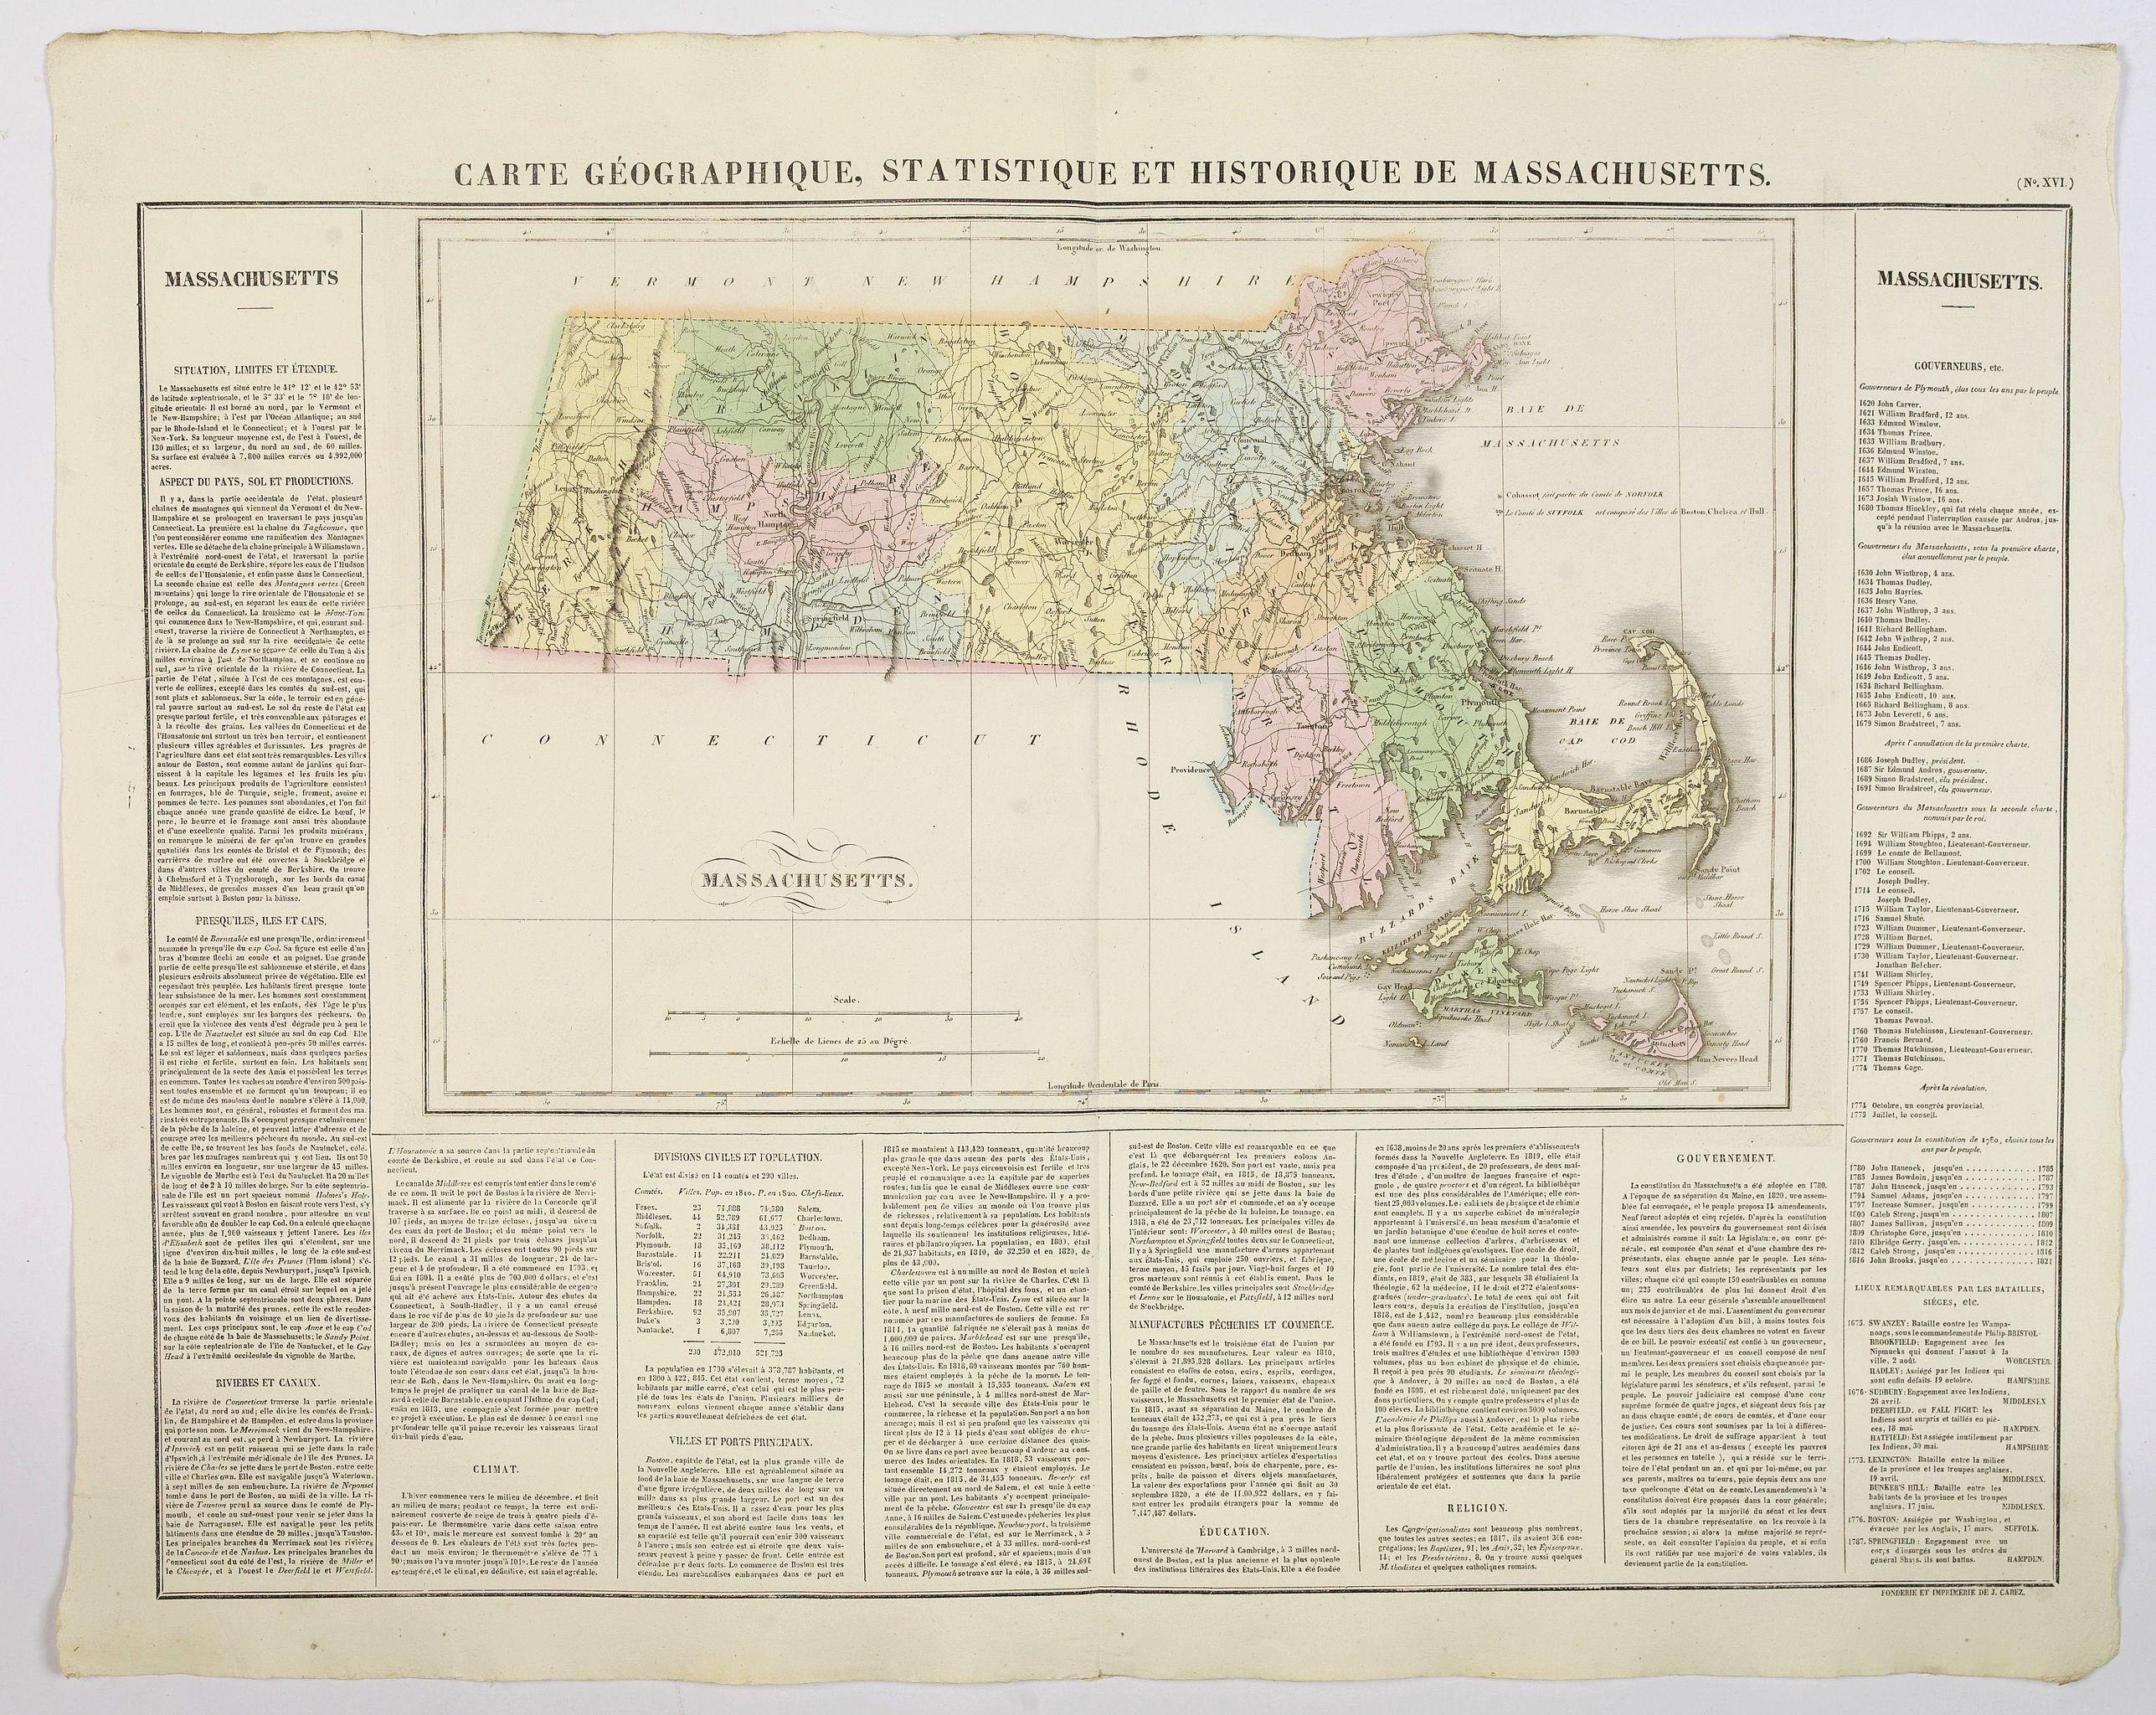 BUCHON, J.A. -  Carte Geographique, Statistique et Historique de Massachusetts.